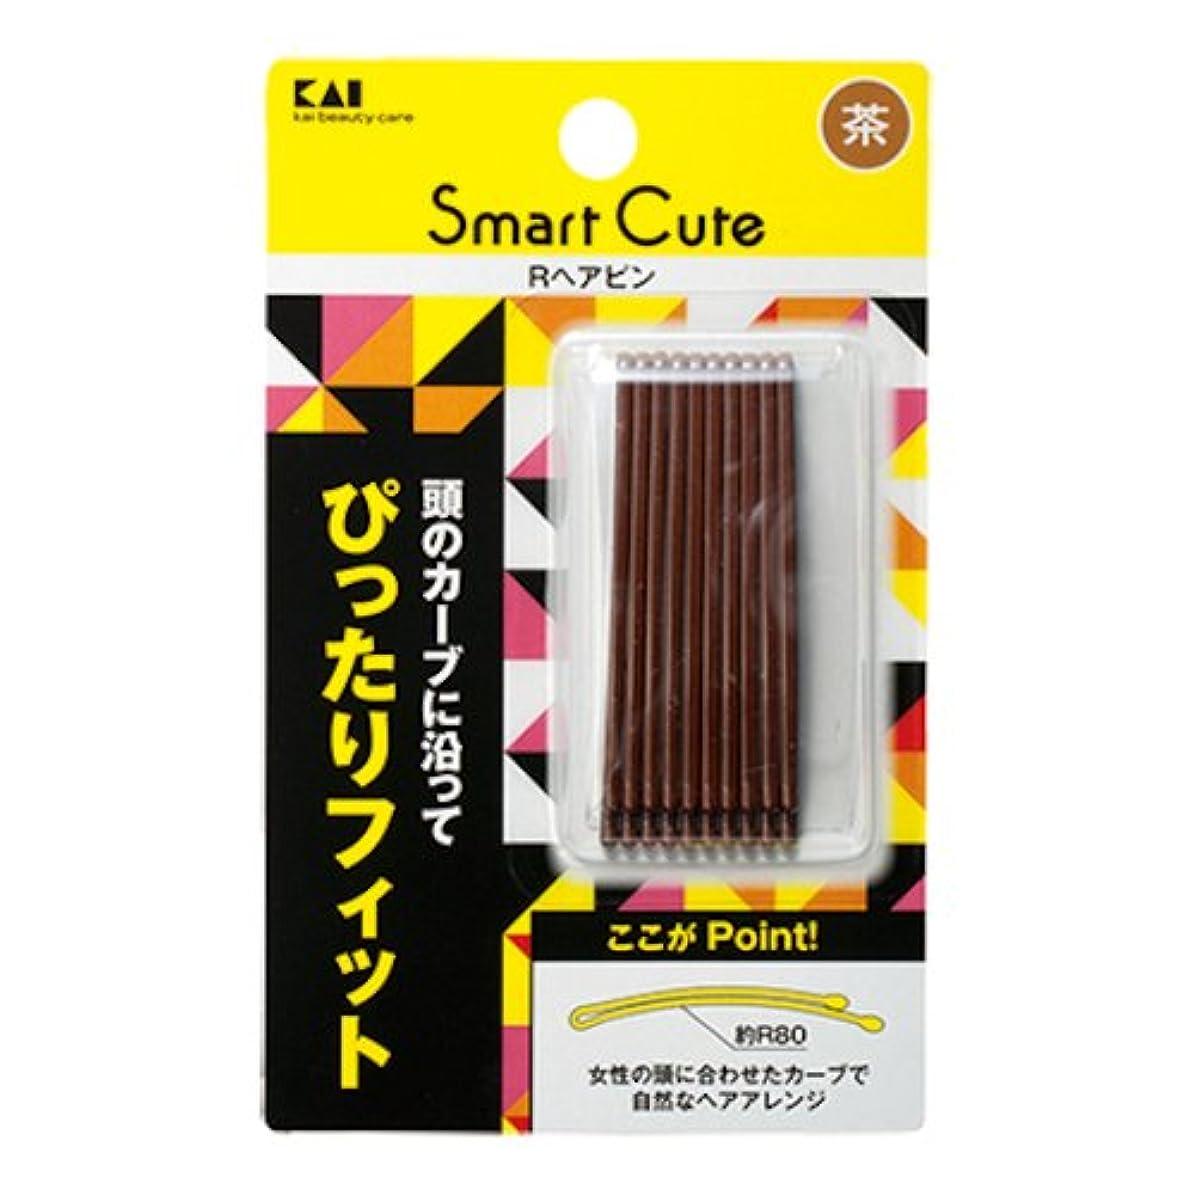 バーマドブラストリングレットKAI Smart Cute Rヘアピン HC3333 茶